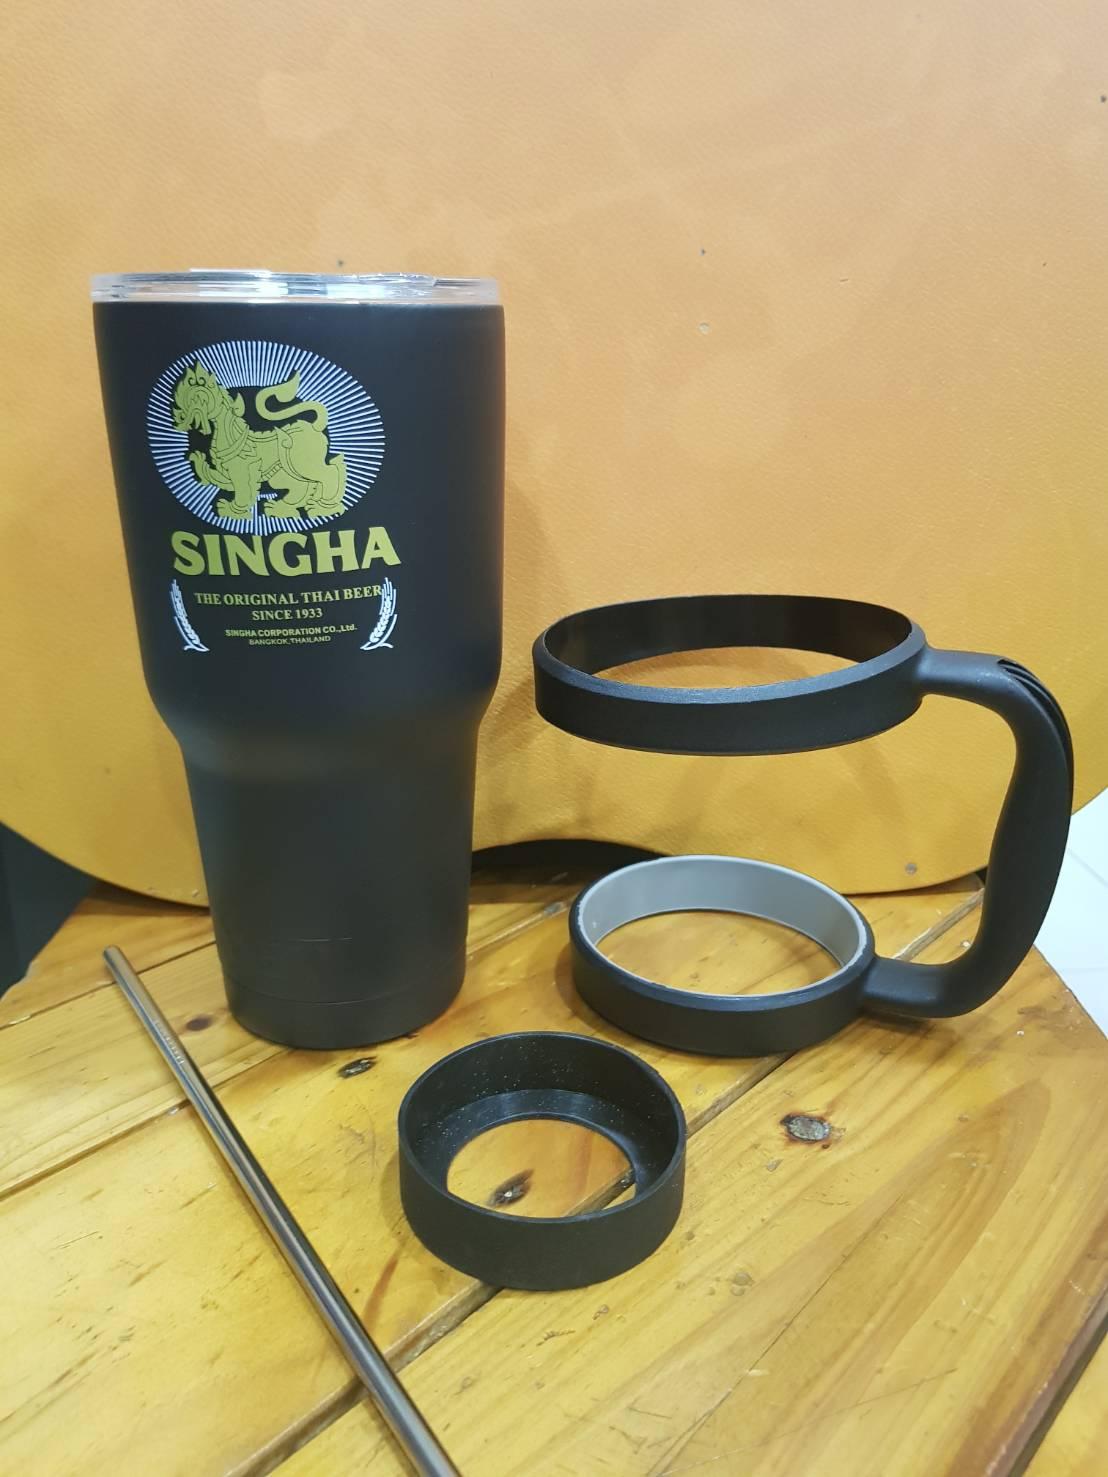 ชุดแก้วเยติ 30 ออนซ์ พื้นสีดำ โลโก้ โซดาสิงห์